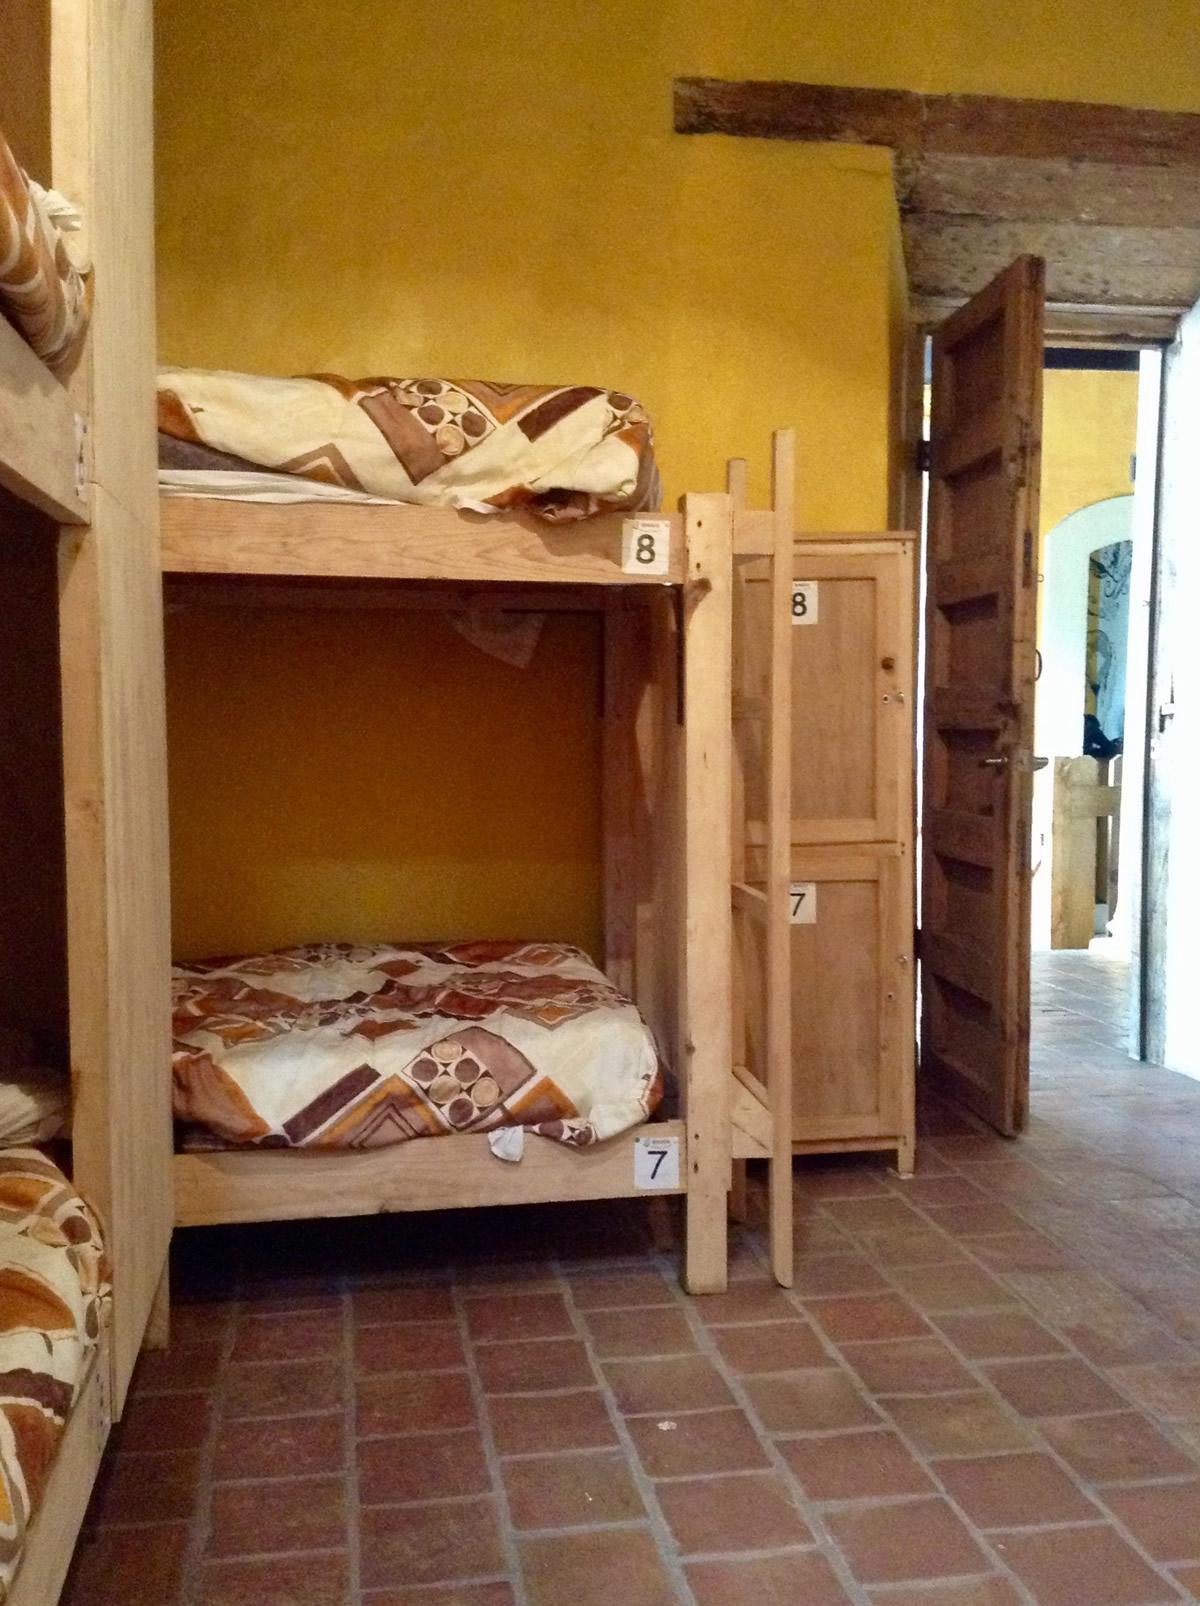 8 beds dorm mixed